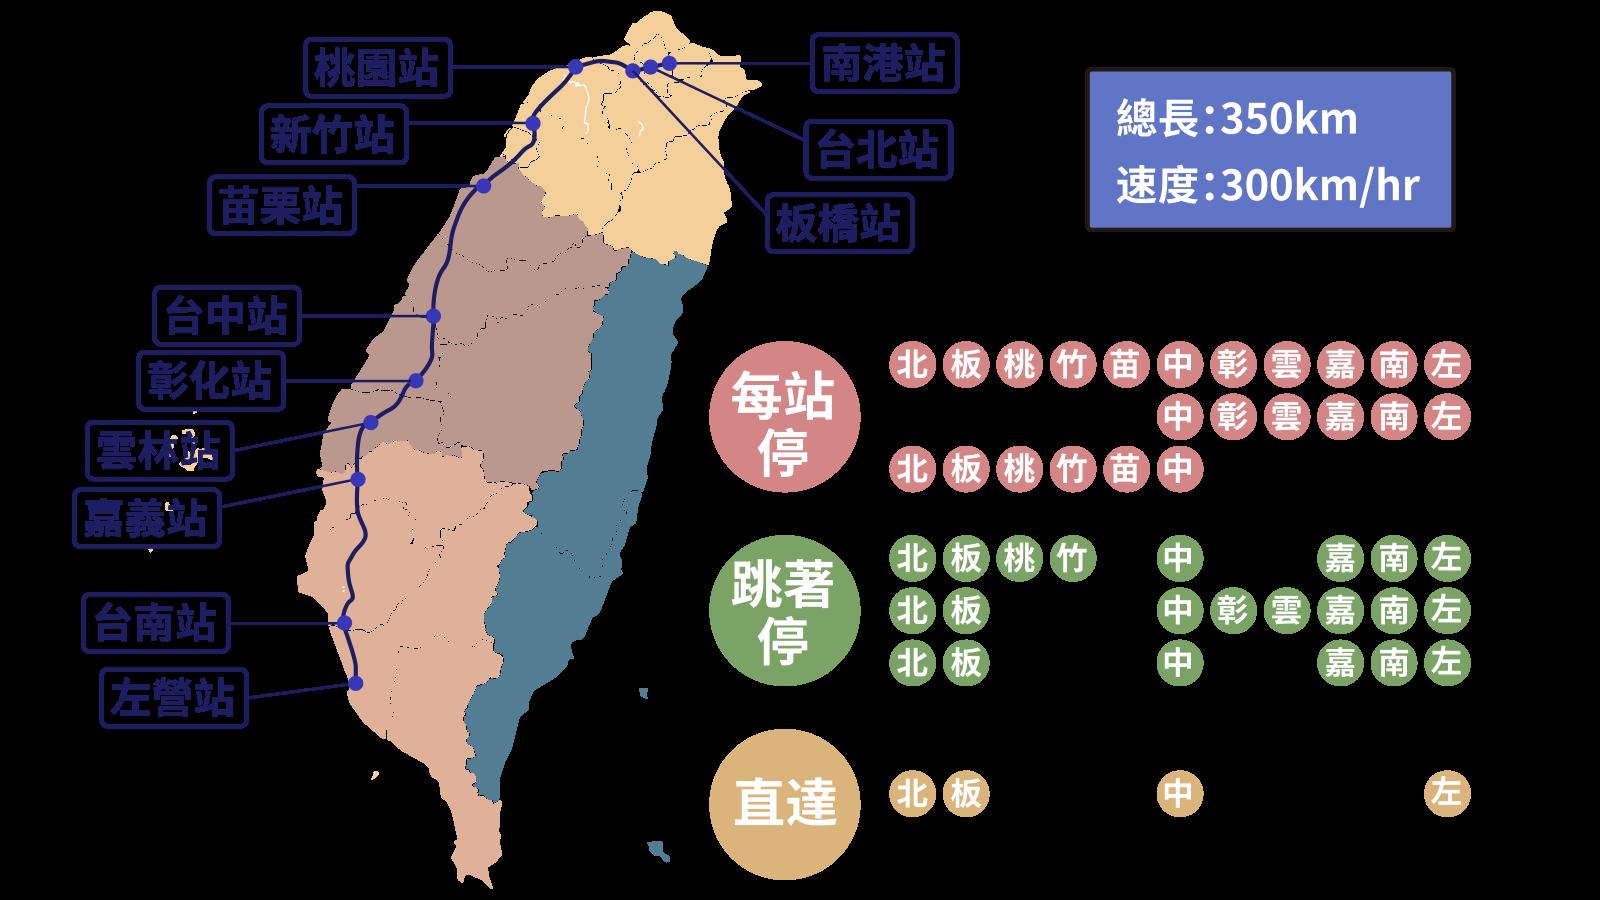 台湾高鐵线路图